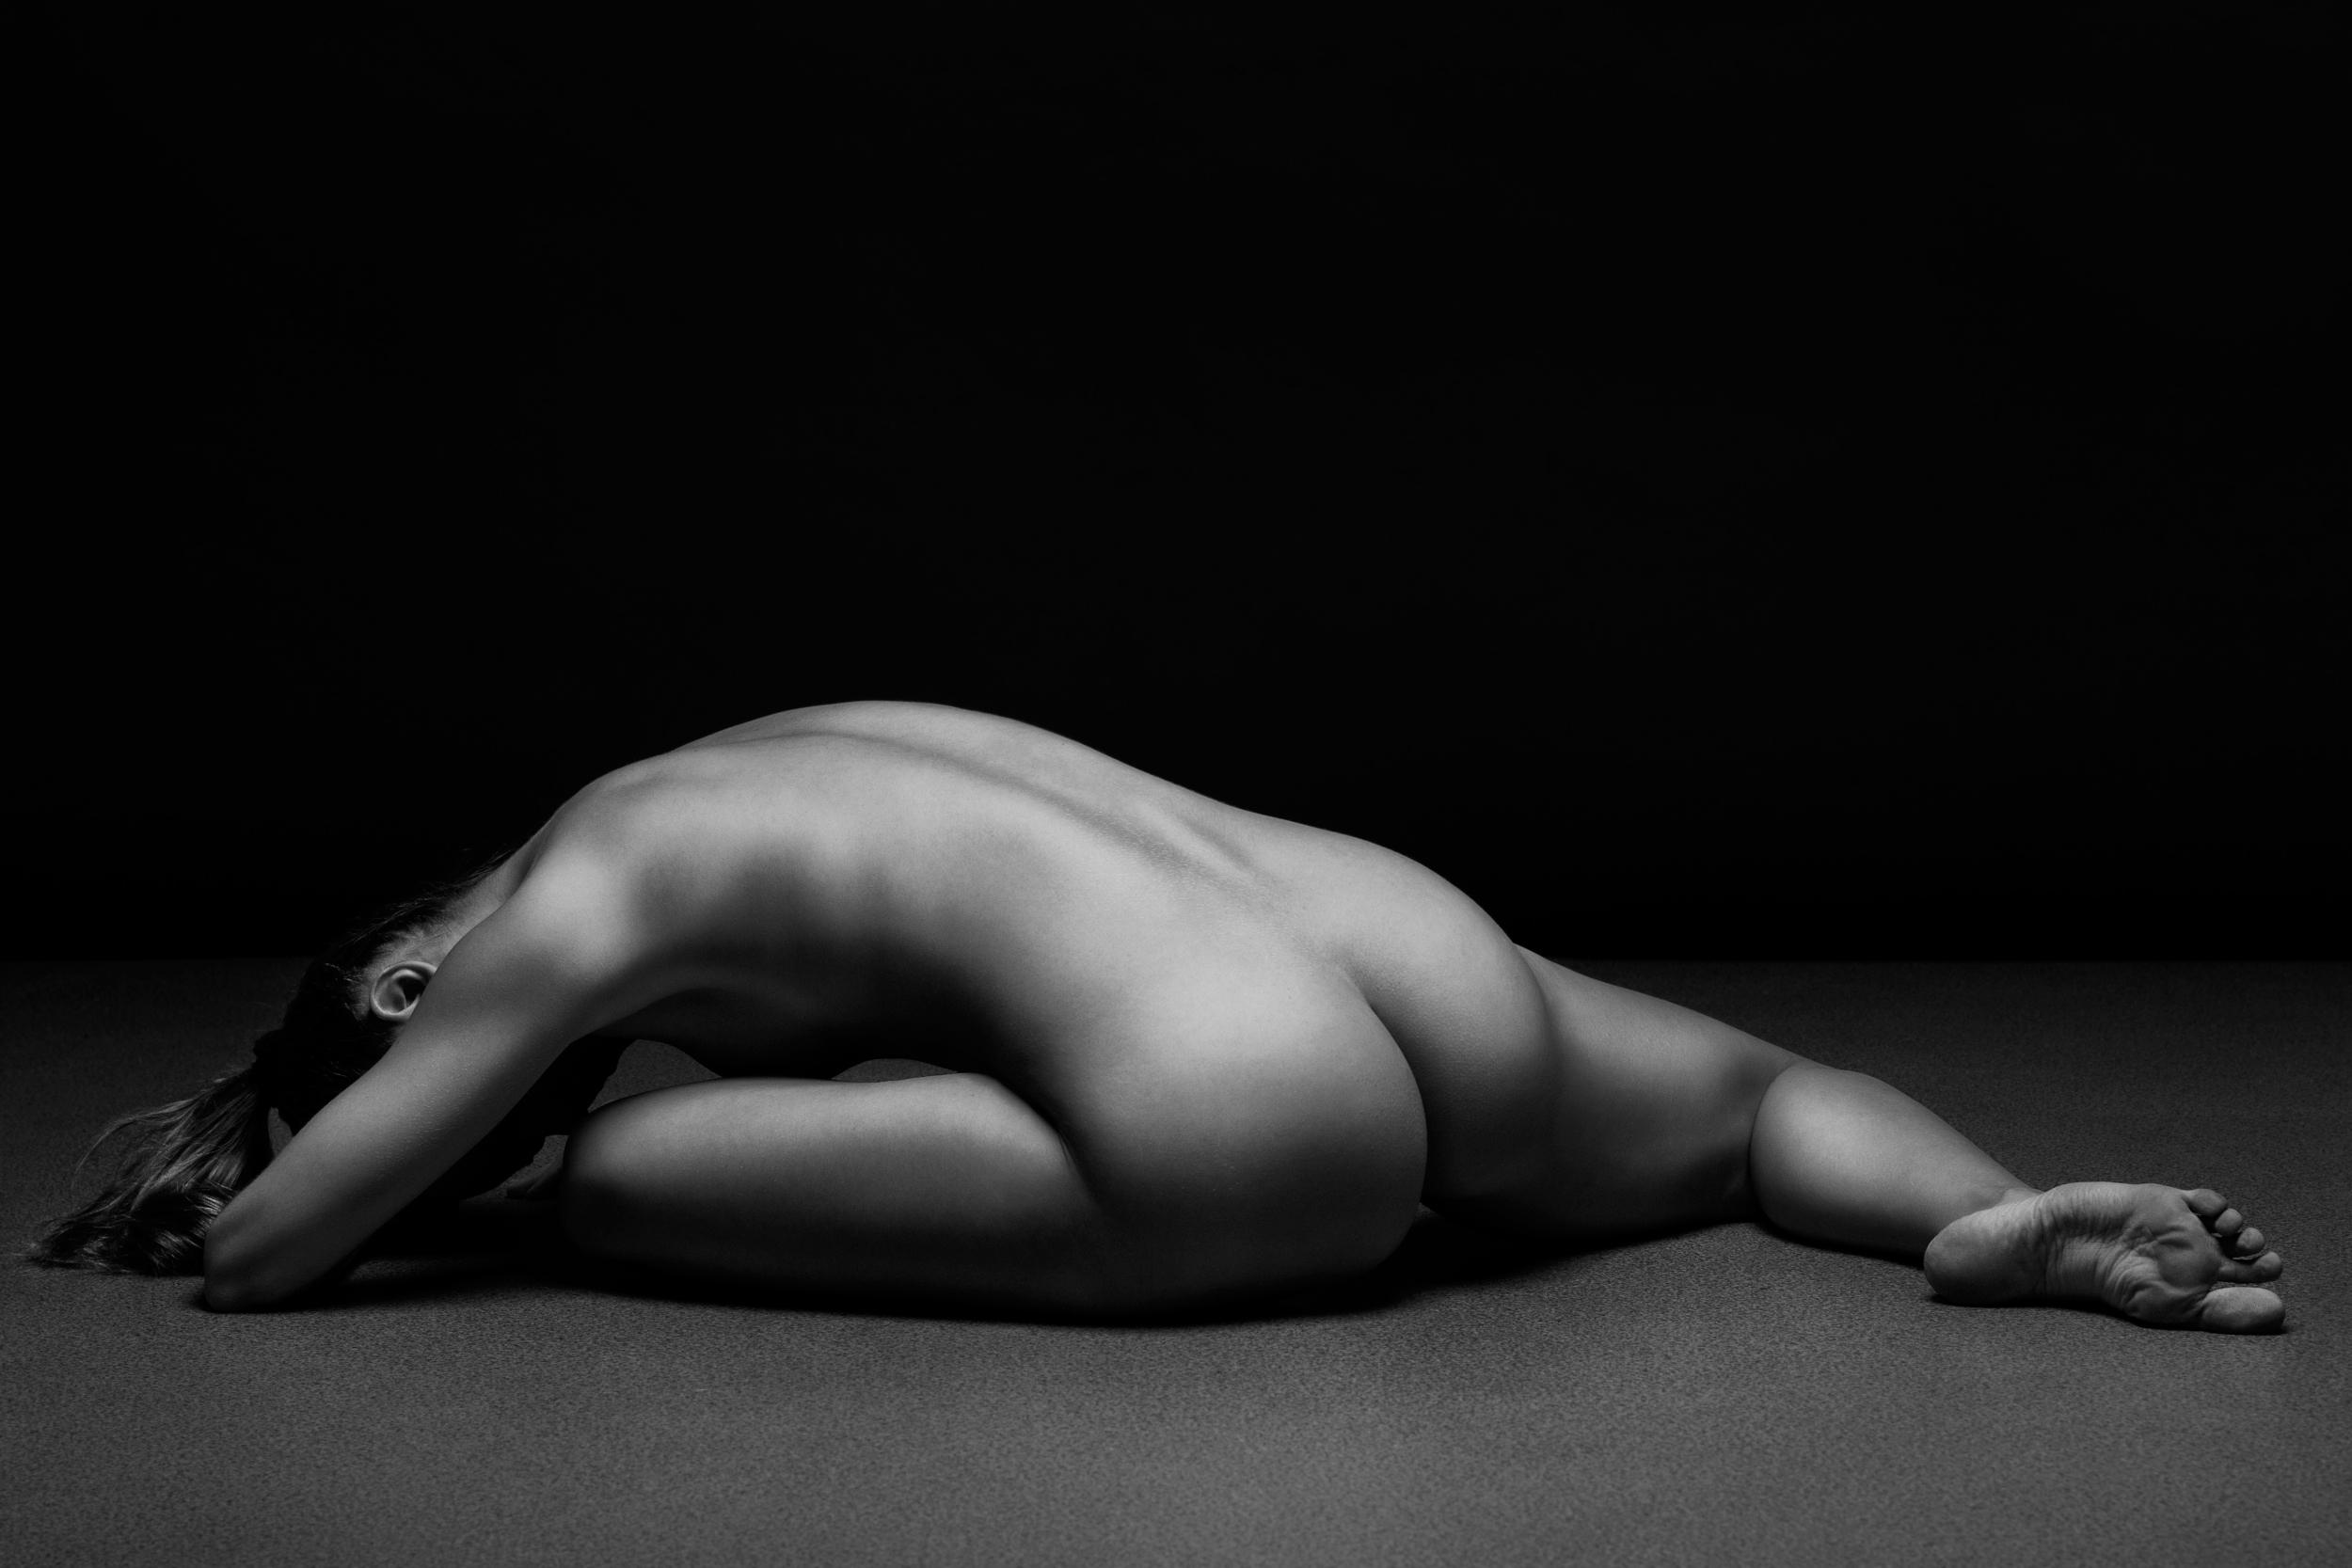 Эротика фото черный фон, Стройное голое тело статной девушки на черном фоне 8 фотография